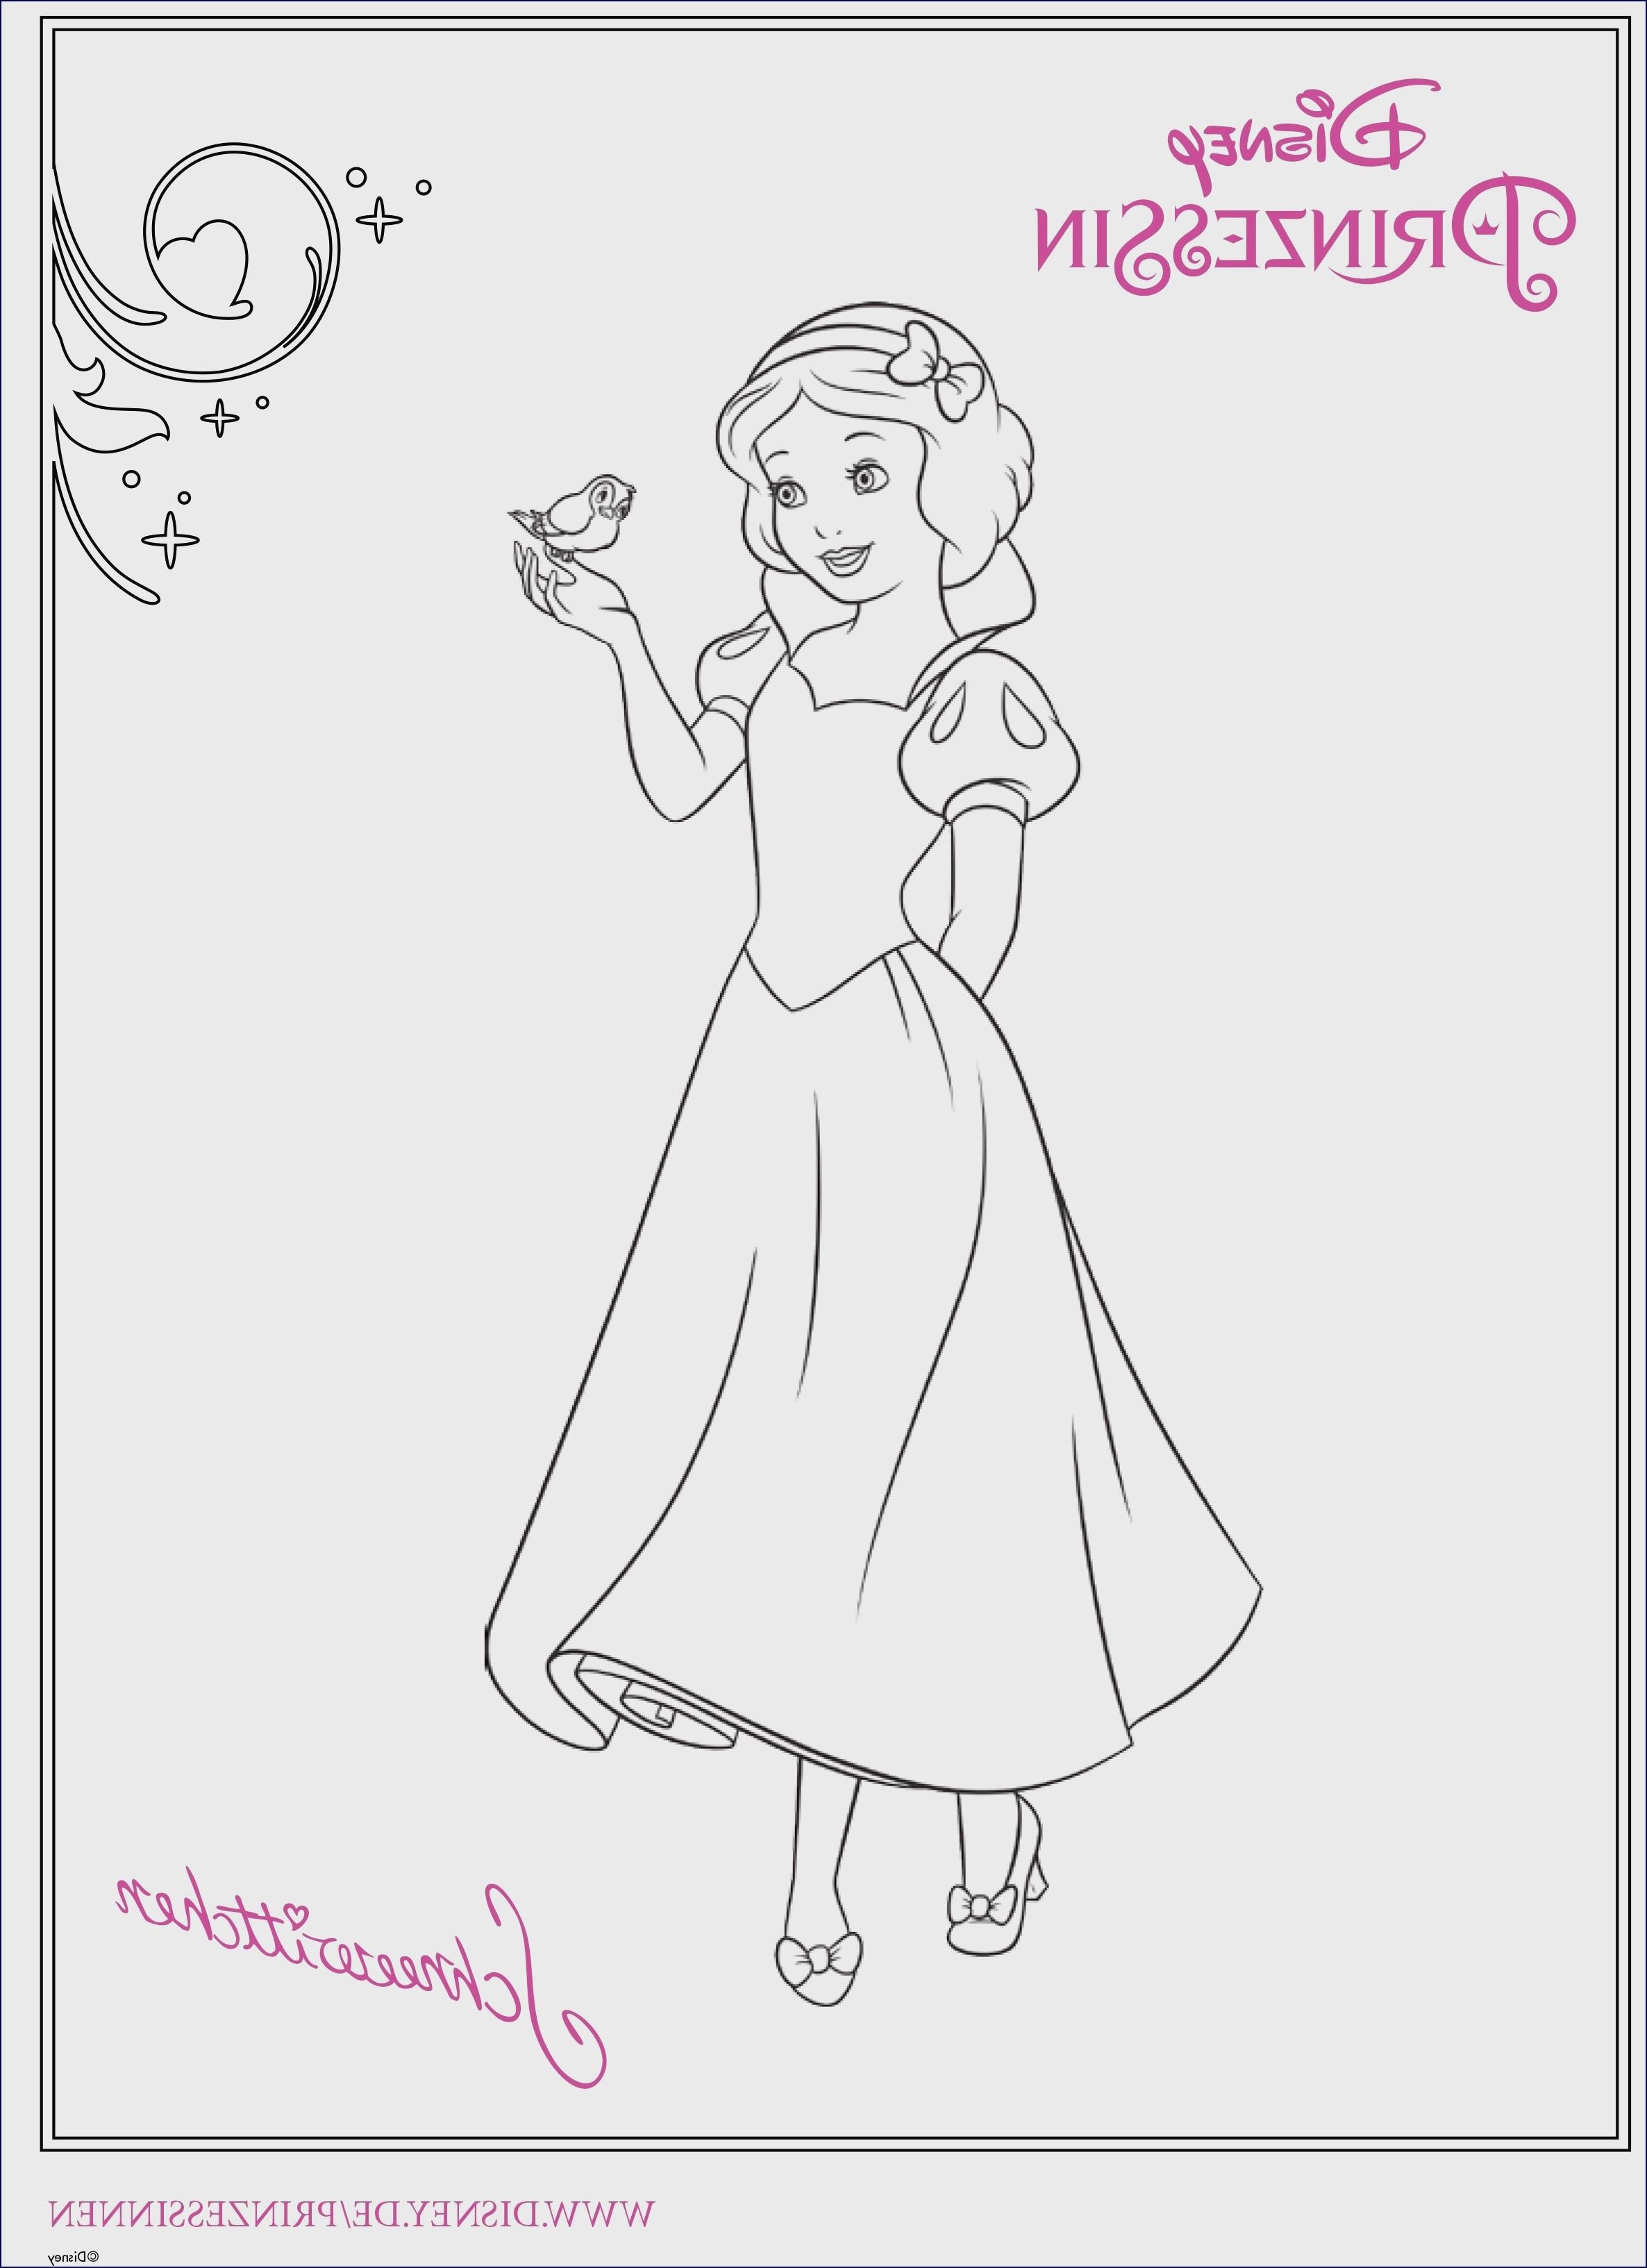 Ausmalbild Prinzessin Einhorn Neu 34 Luxus Ausmalbilder Einhorn Mit Regenbogen – Malvorlagen Ideen Bilder